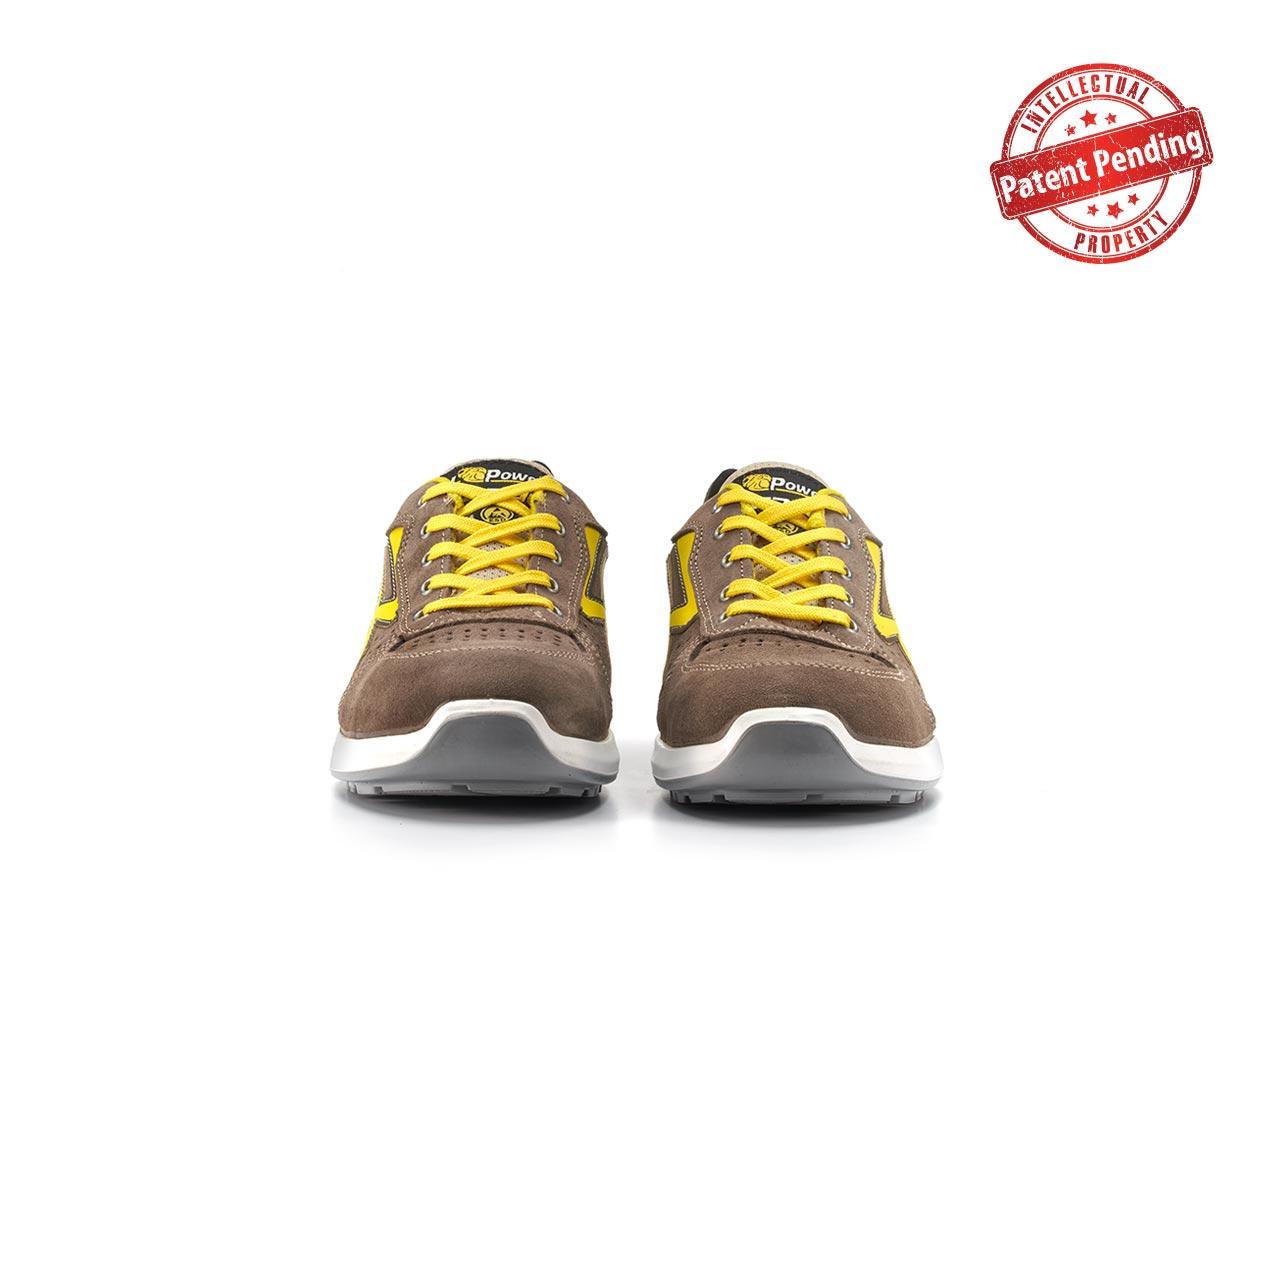 paio di scarpe antinfortunistiche upower modello dorado linea redup vista frontale